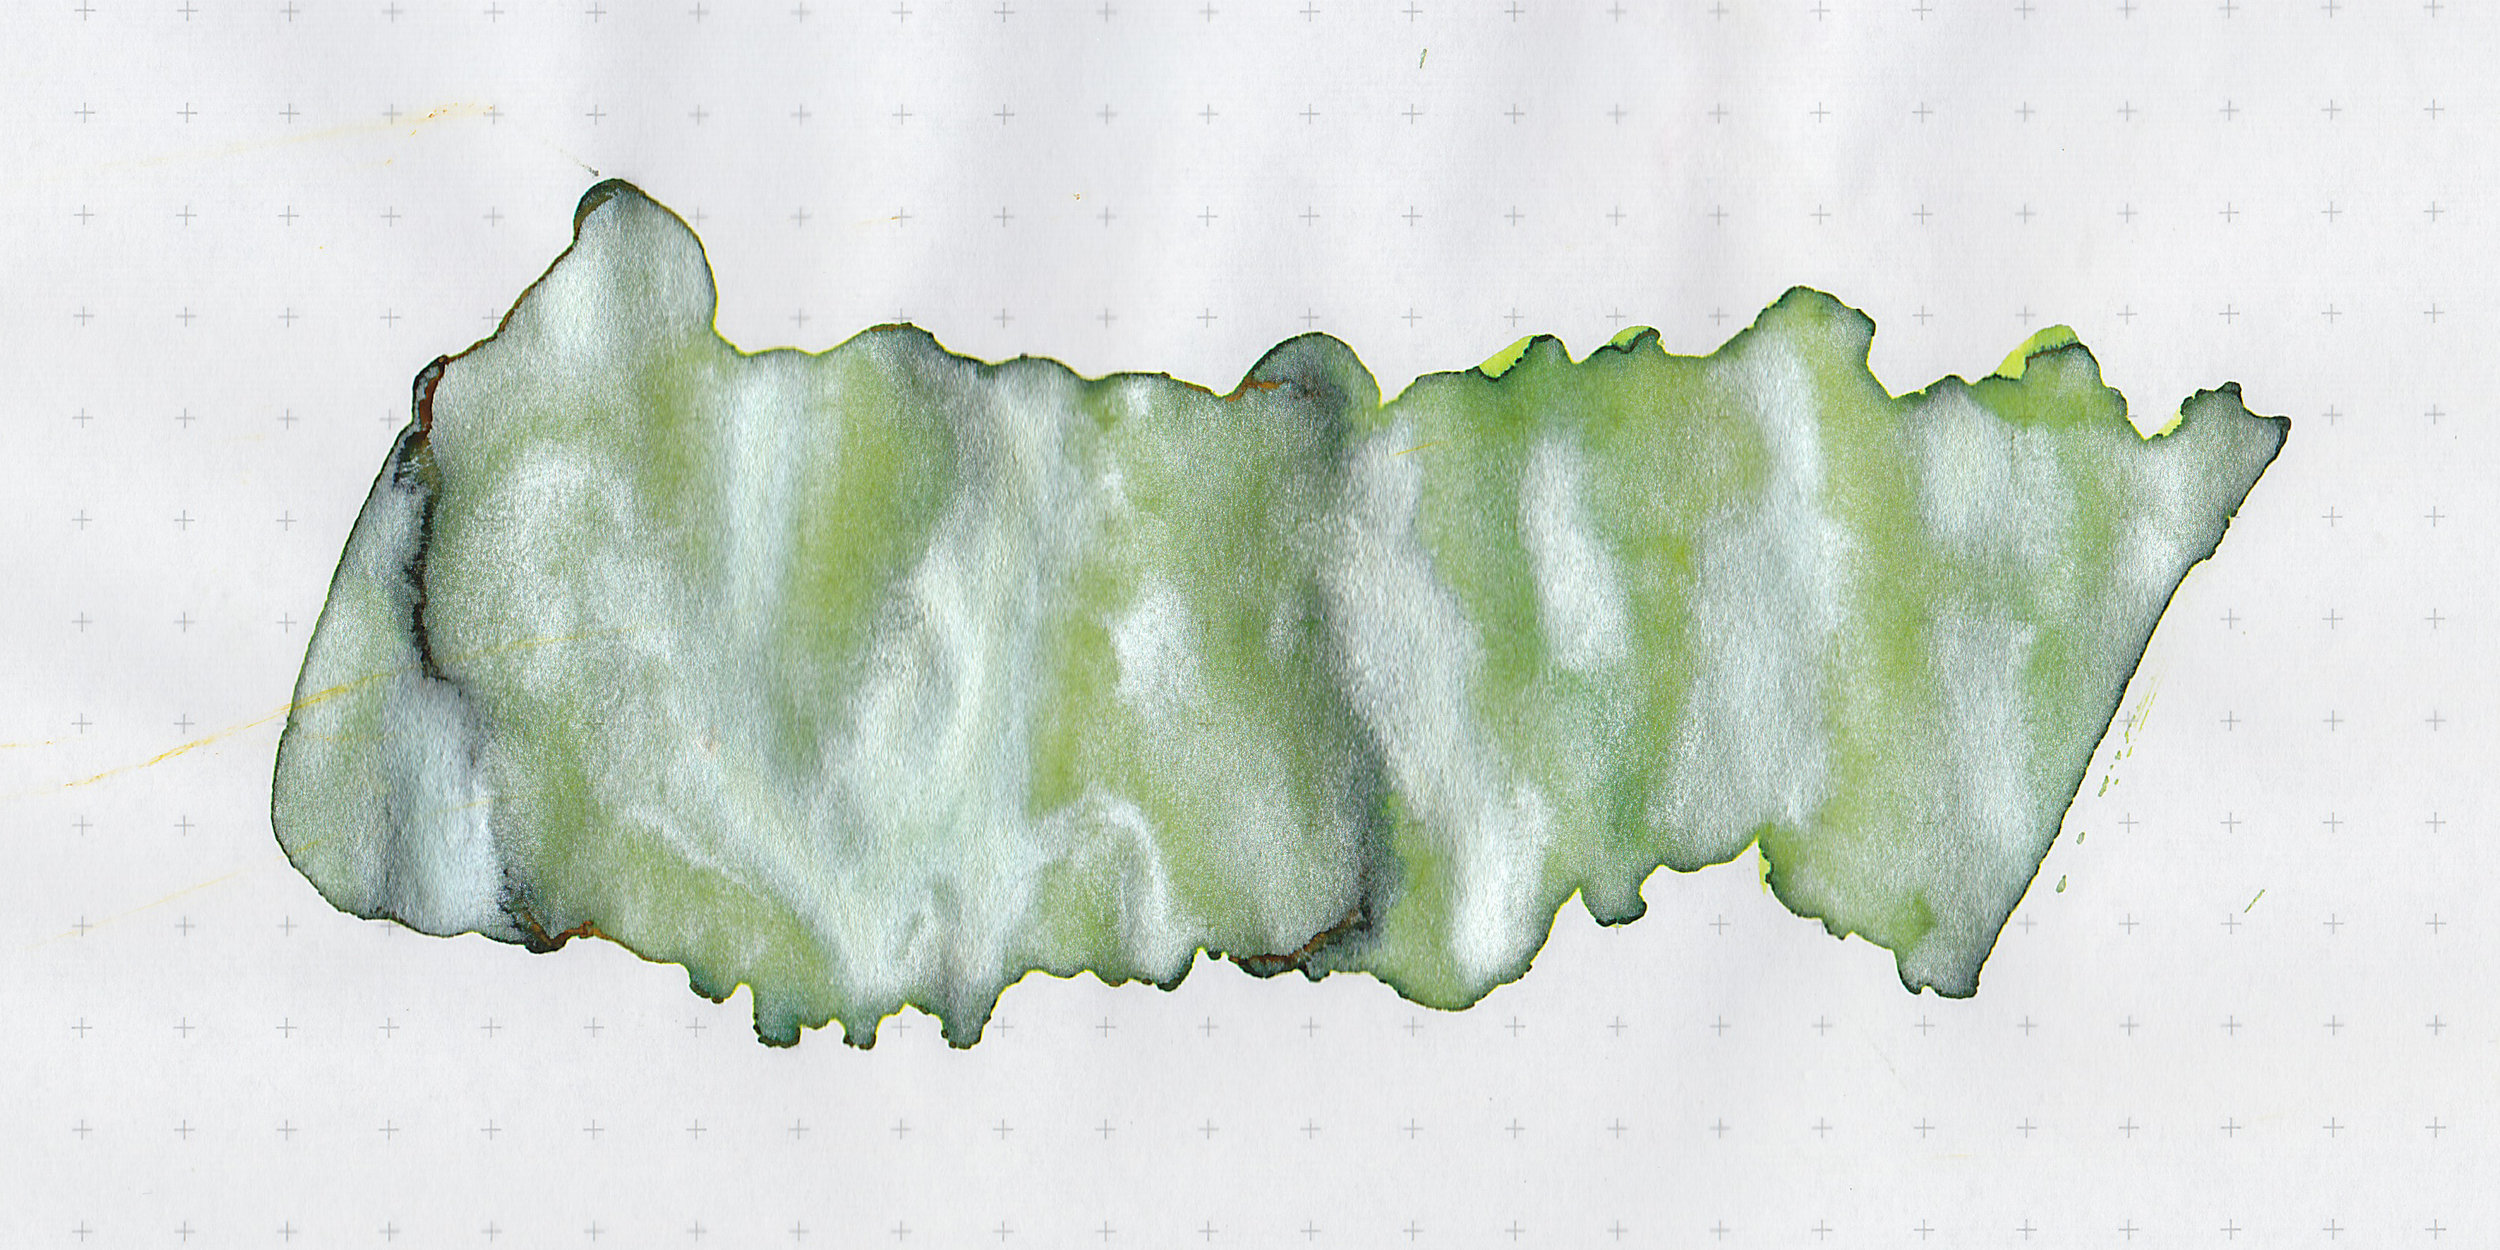 ro-fizzy-lime-12.jpg